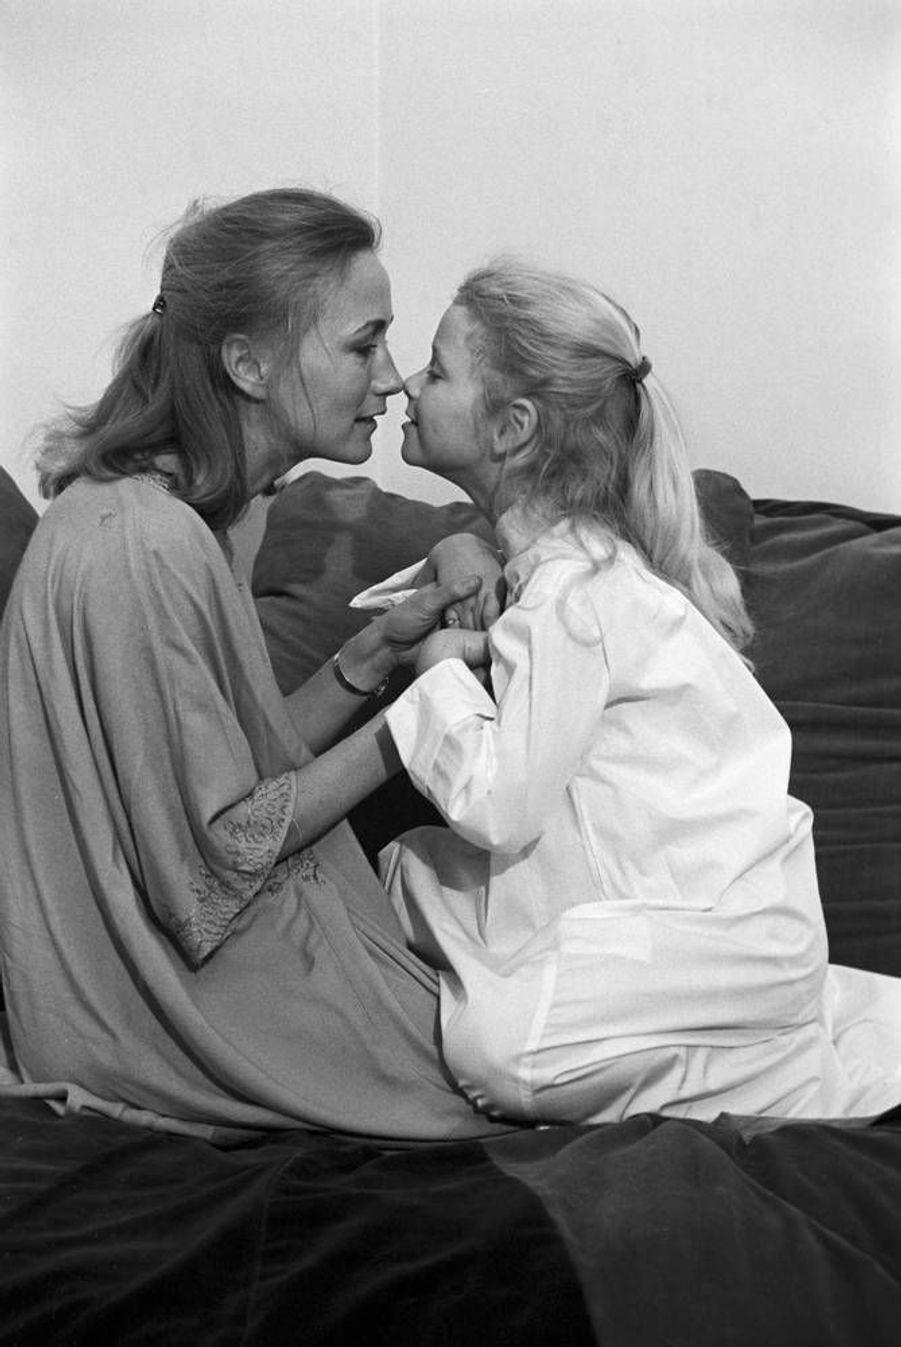 Tendre face-à-face : Brigitte Fossey et sa fille Marie. 1977.